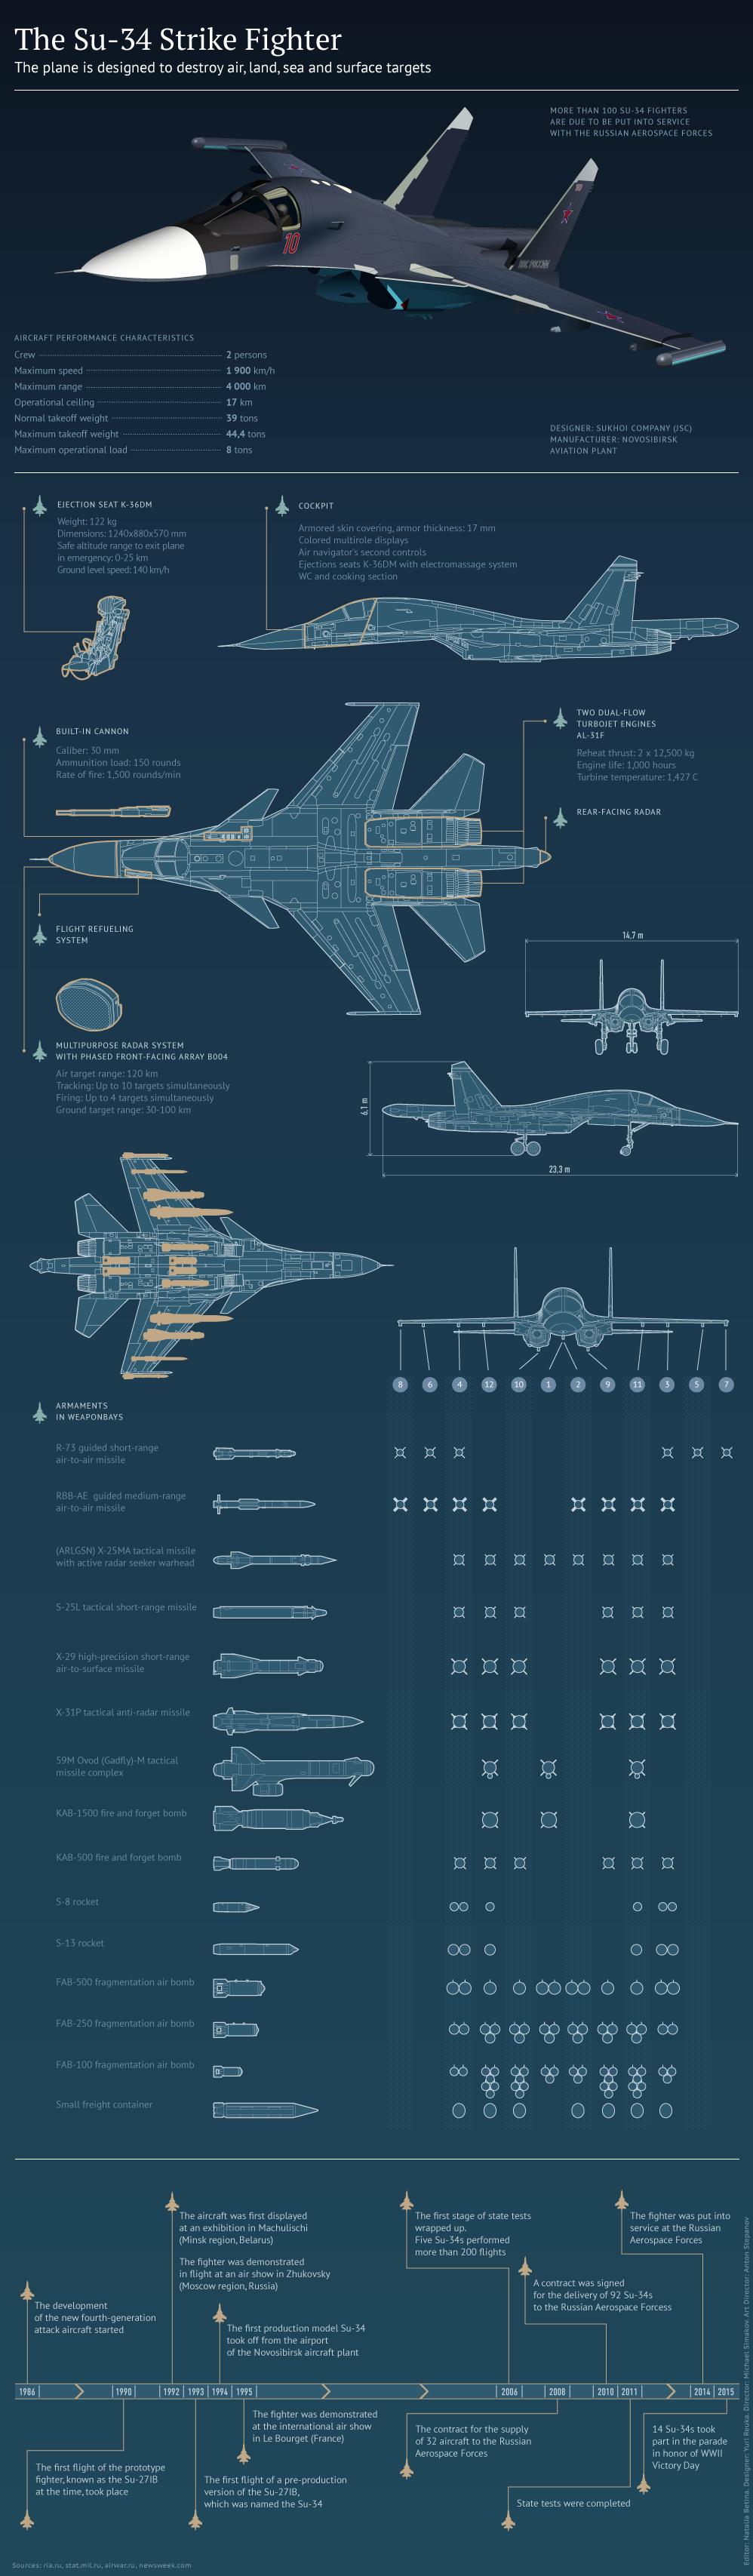 The Su-34 Strike Fighter - Sputnik International